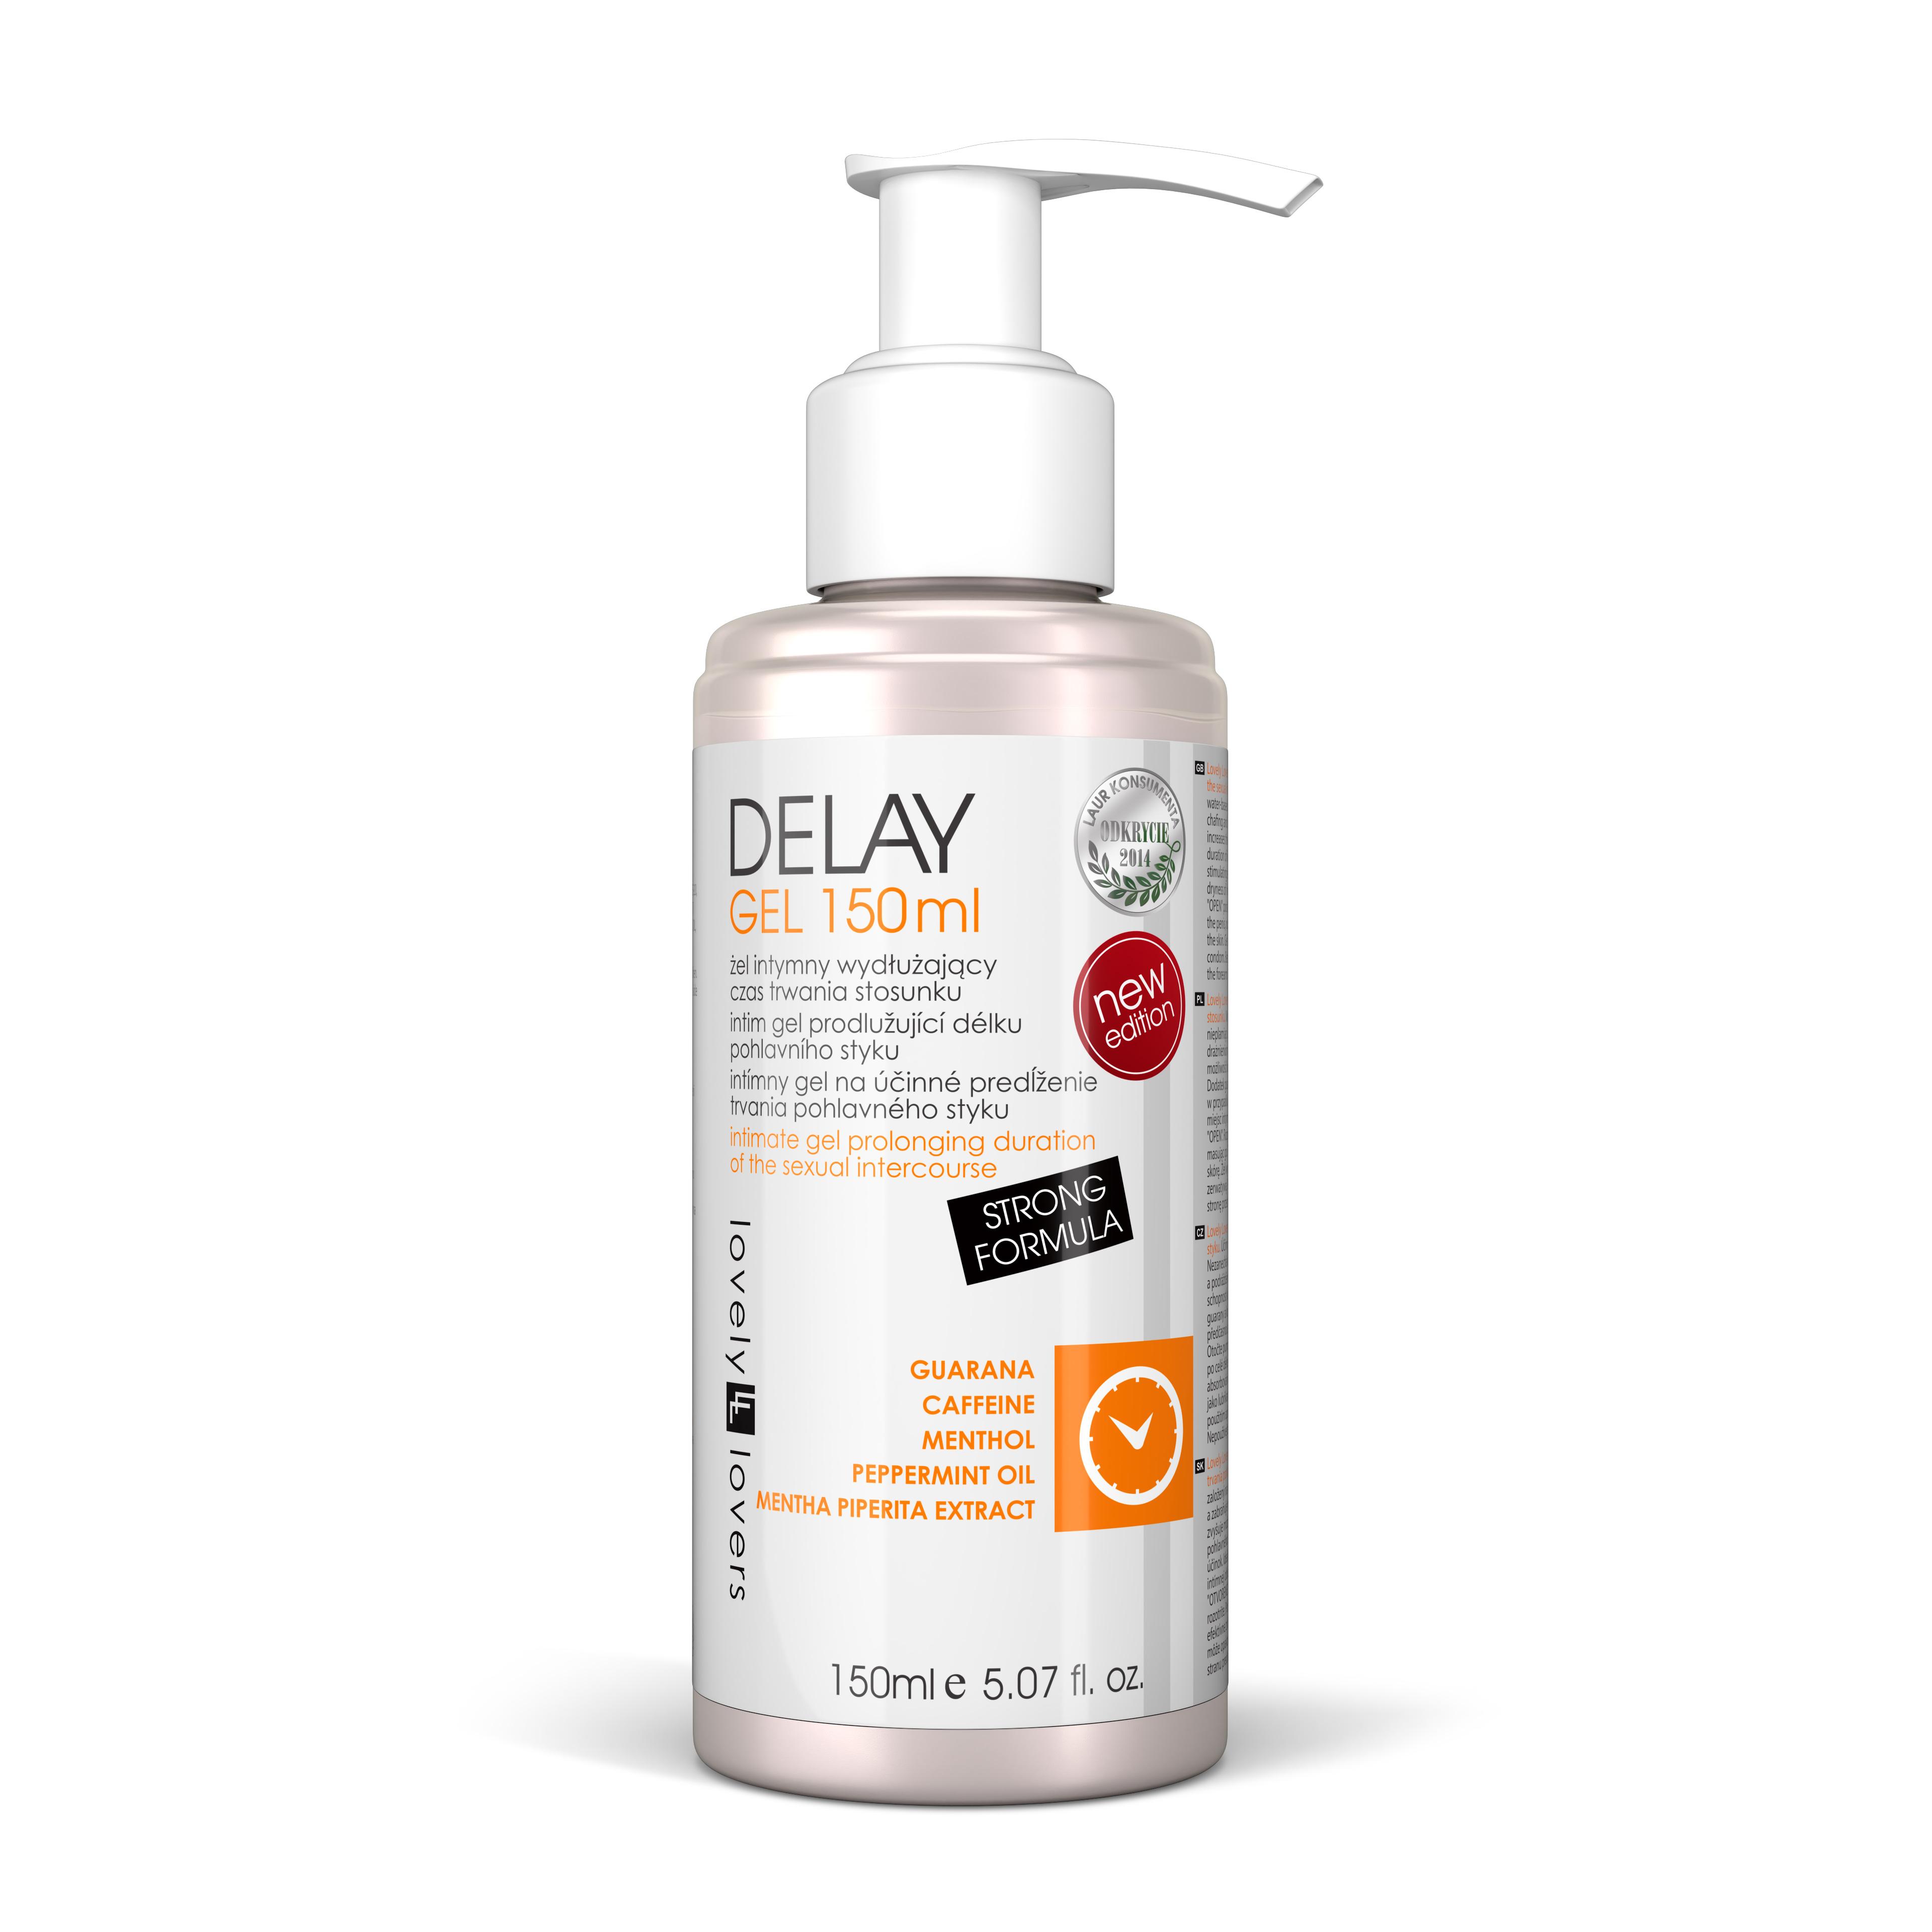 DELAY gel na oddálení ejakulace 150ml